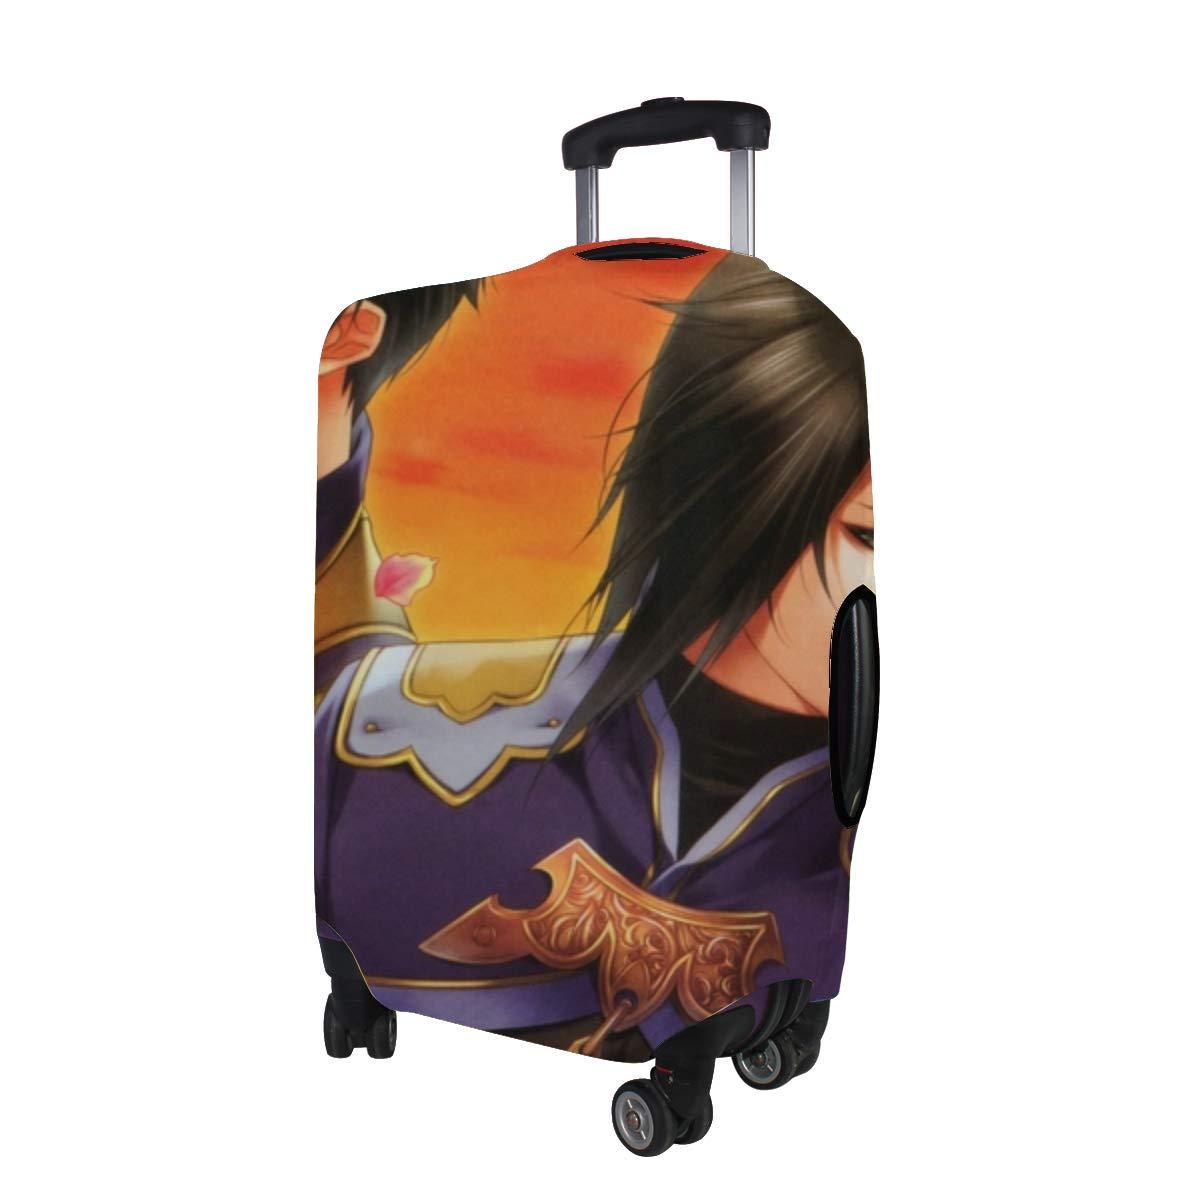 Maxm Zyuzaengi Engetsu Sangokugen Visual Novel Kakouton Sousou Kakouen Pattern Print Travel Luggage Protector Baggage Suitcase Cover Fits 18-21 Inch Luggage